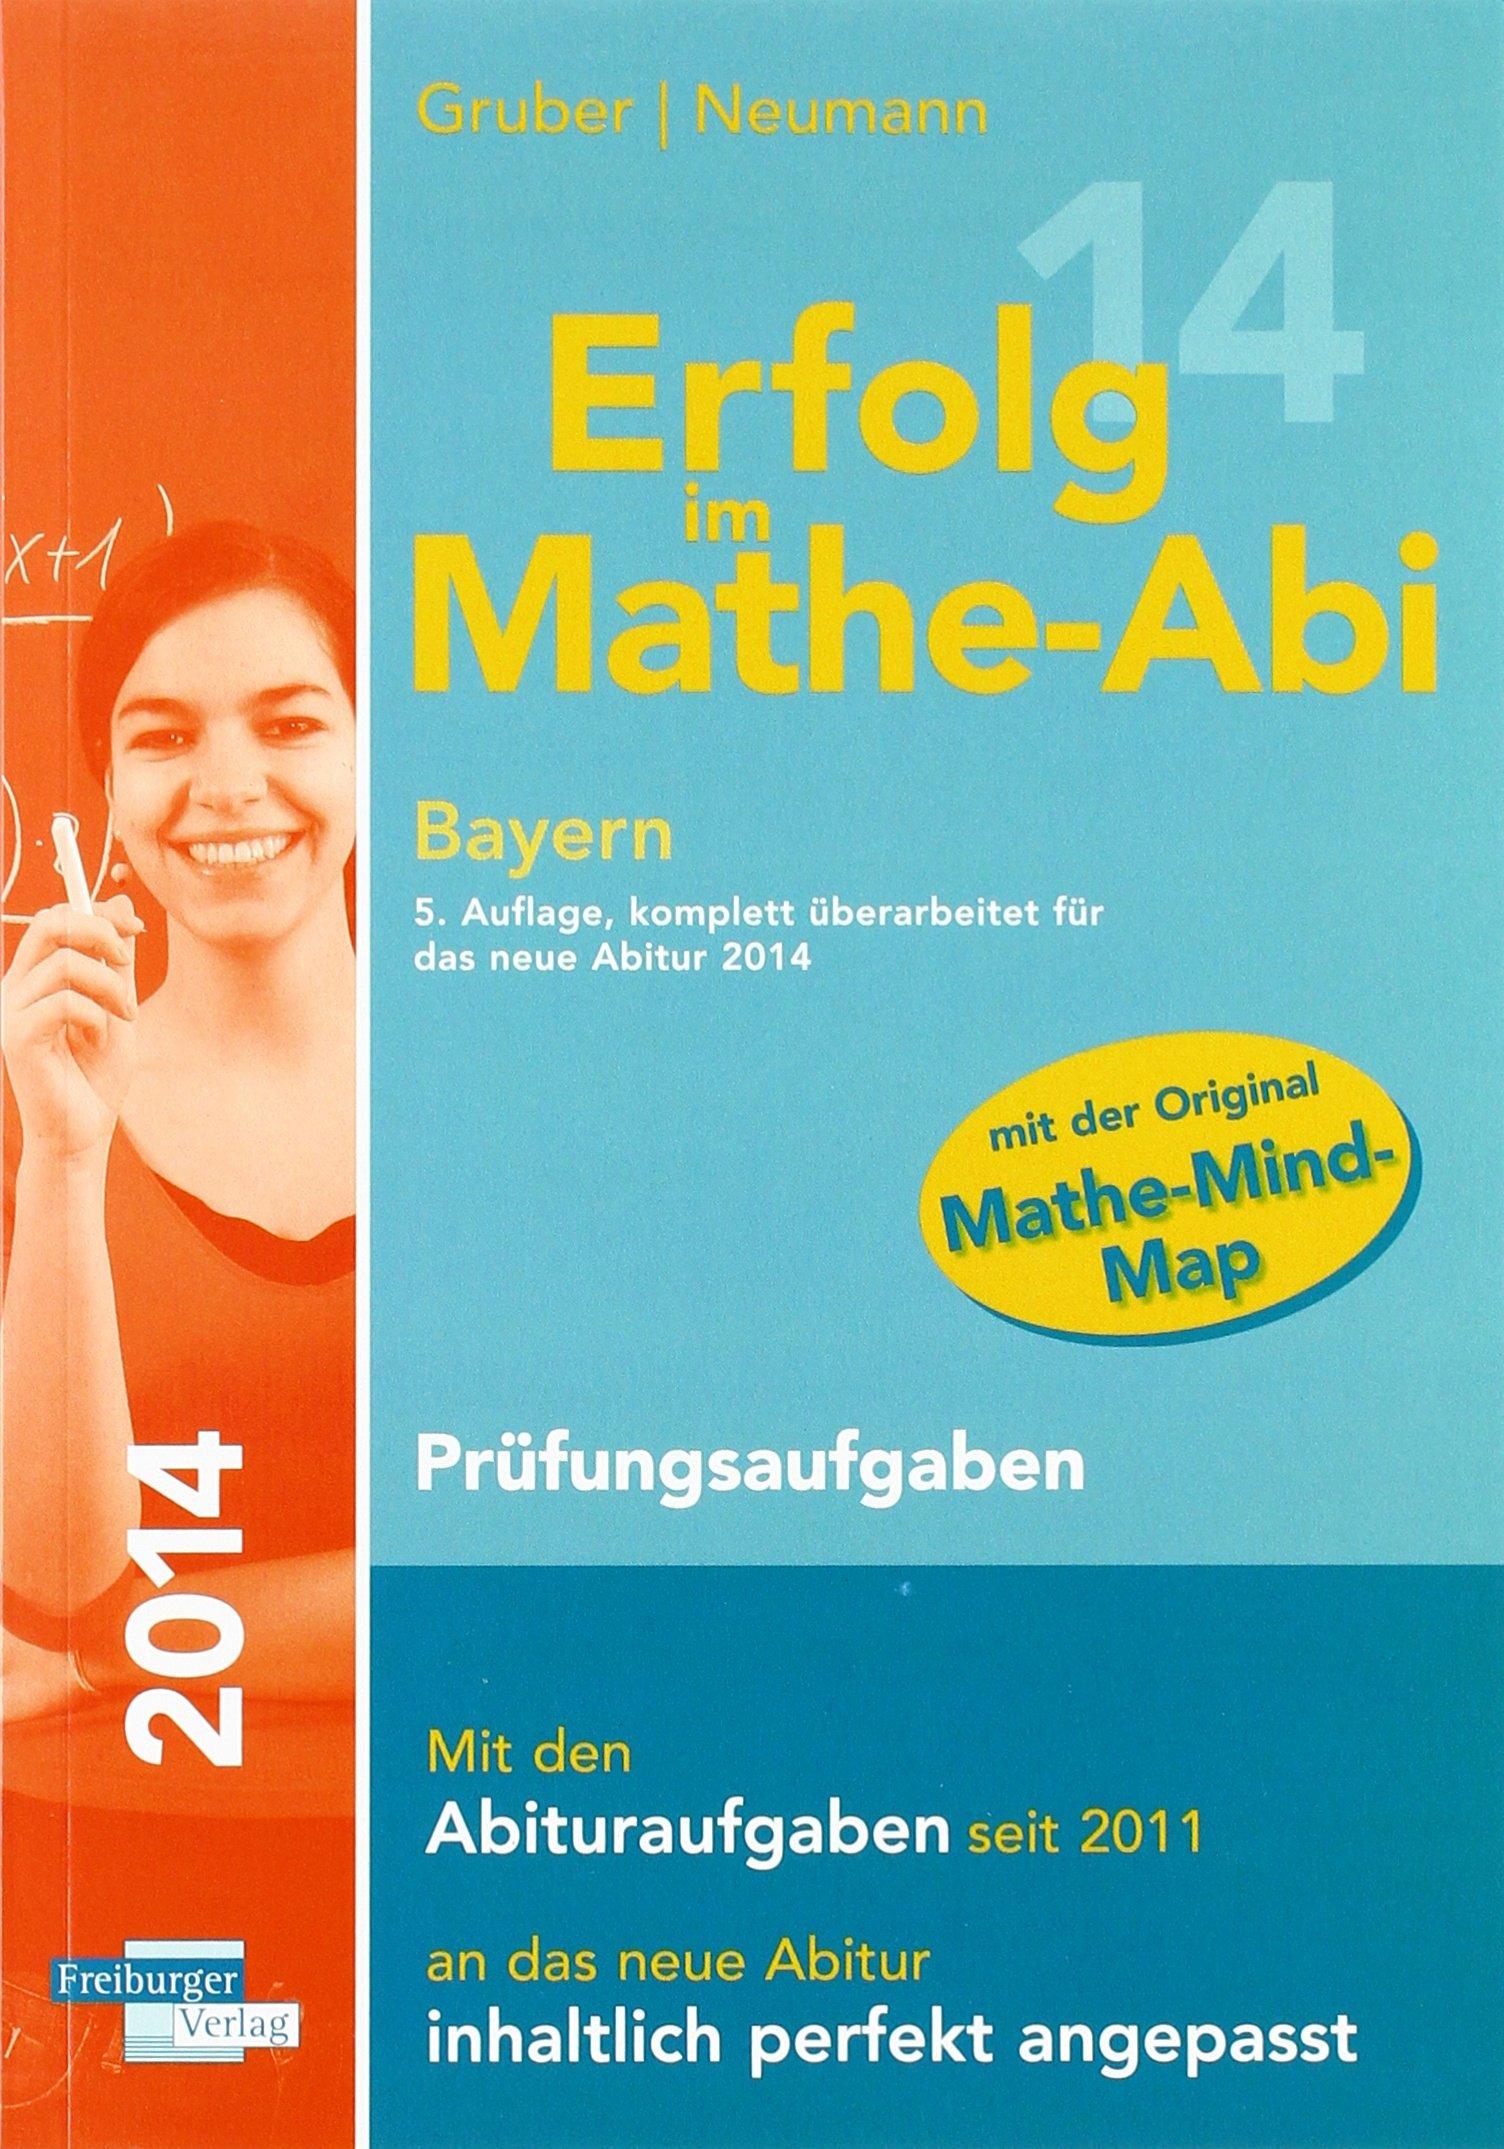 Erfolg im Mathe-Abi 2014 Bayern Prüfungsaufgaben: Übungsbuch Analysis, Geometrie und Stochastik mit vielen hilfreichen Tipps und ausführlichen Lösungen